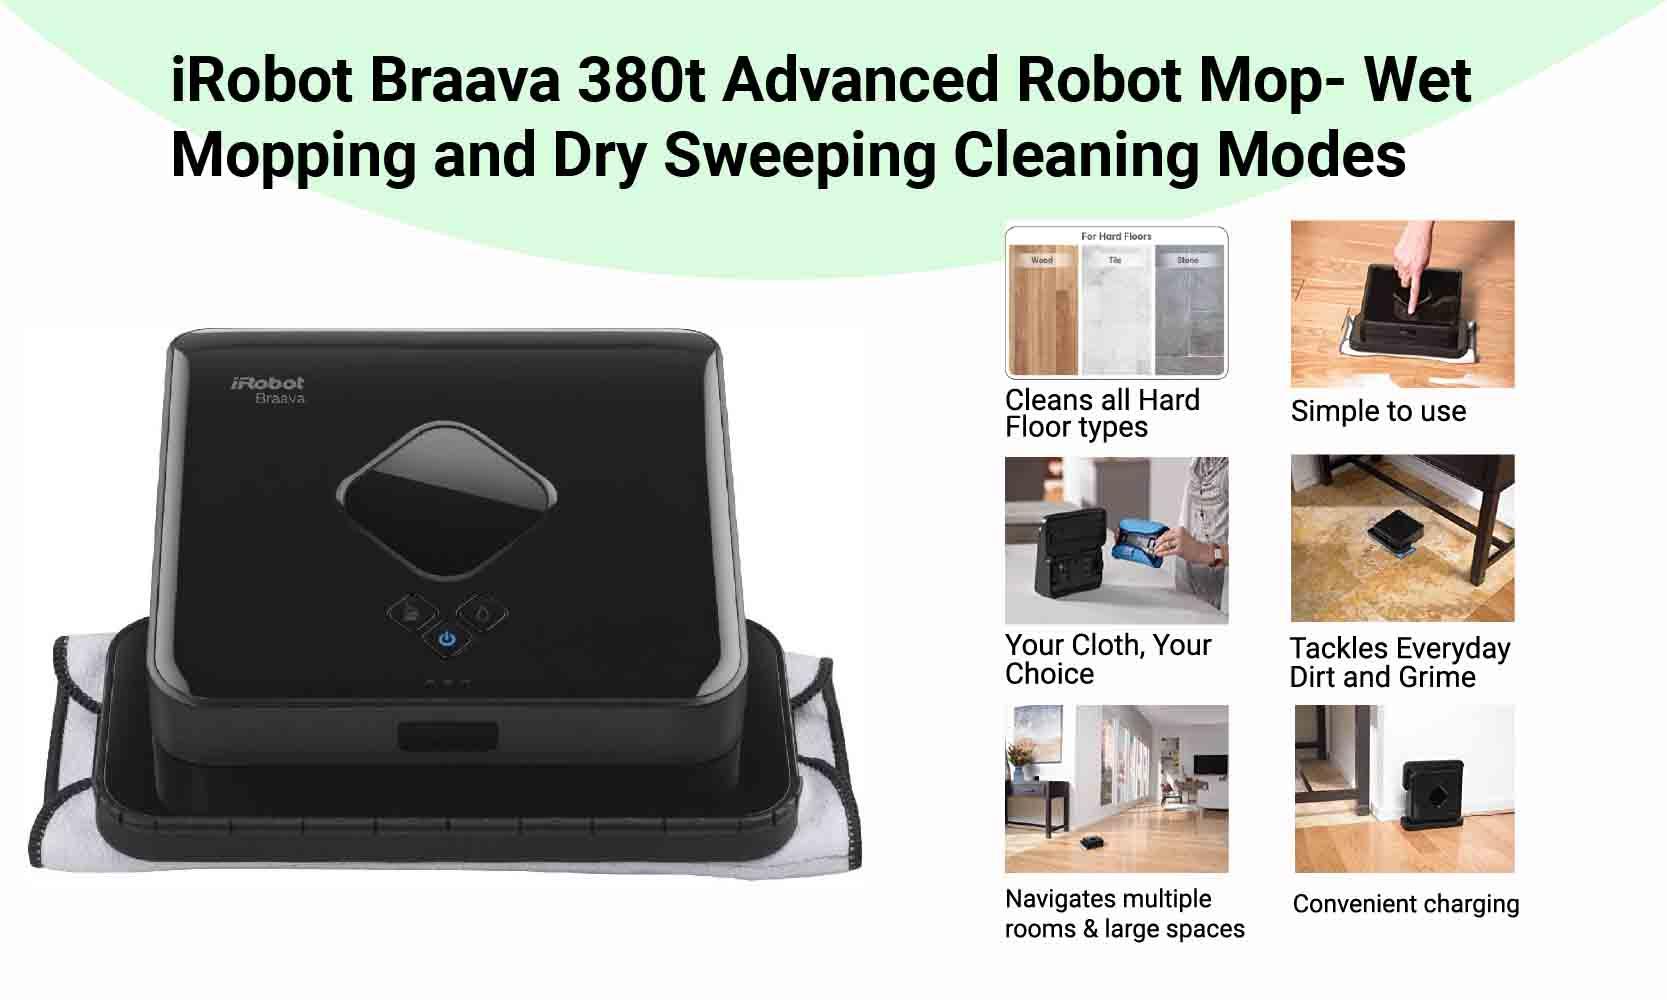 iRobot Braava 380t Robot Mop